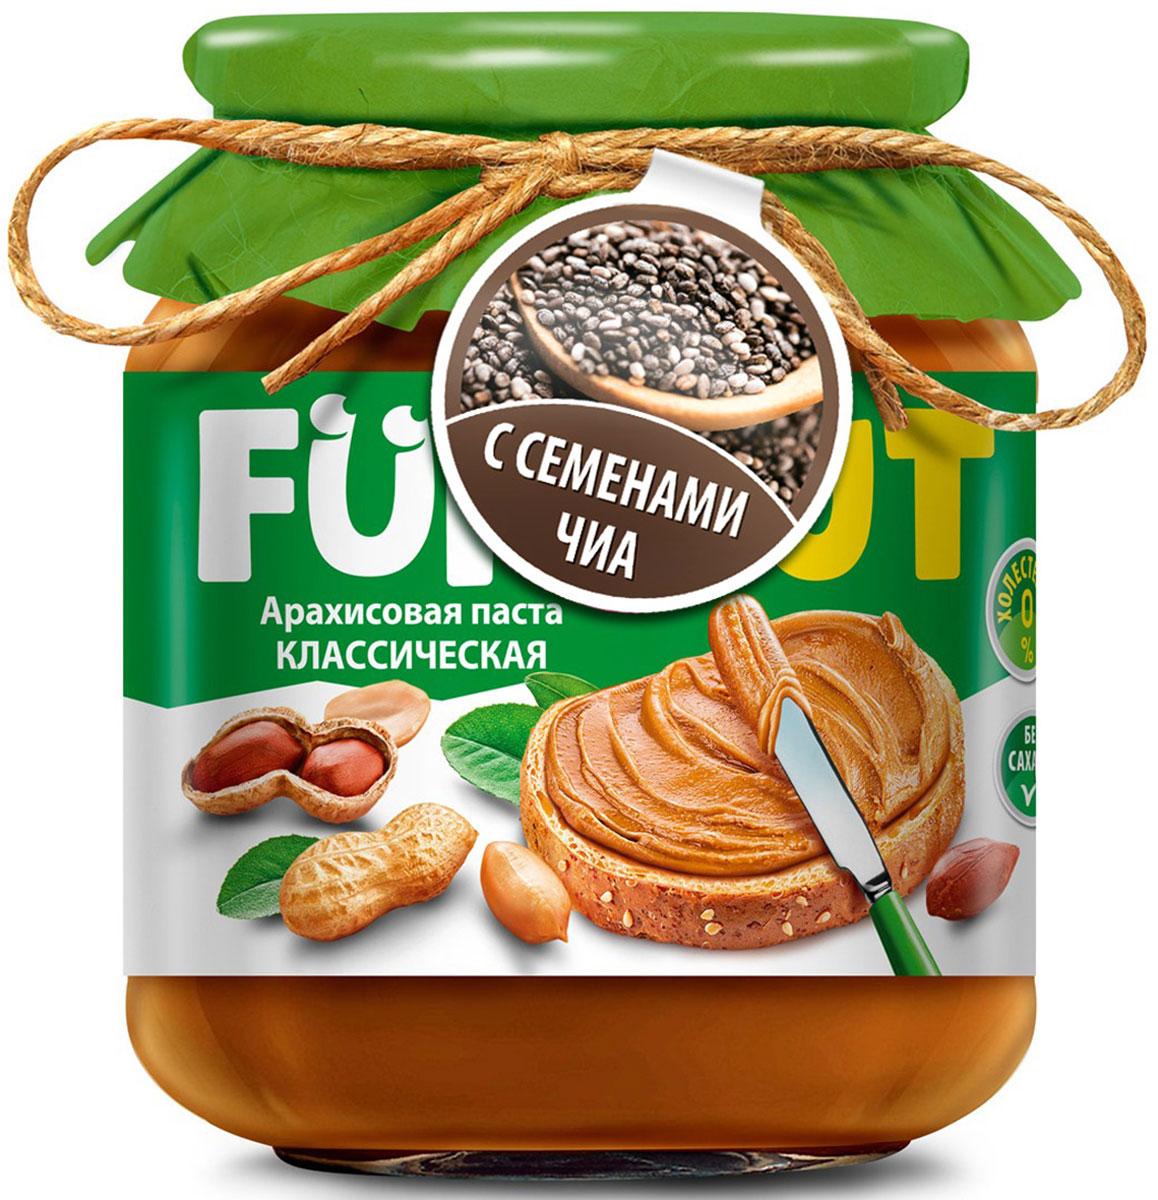 Funnat Арахисовая паста классическая с добавлением чиа, 340 г0120710Арахисовая паста Funnat давно и широко распространена в США и вВеликобритании. Эта ореховая паста приготовлена из поджаренного арахиса, нежной текстуры. Благодаря содержанию легкоусвояемых белков и жиров арахисовая паста может конкурировать по питательности с продуктами животного происхождения. Она сытная и полезная, и в то же время препятствует перееданию.